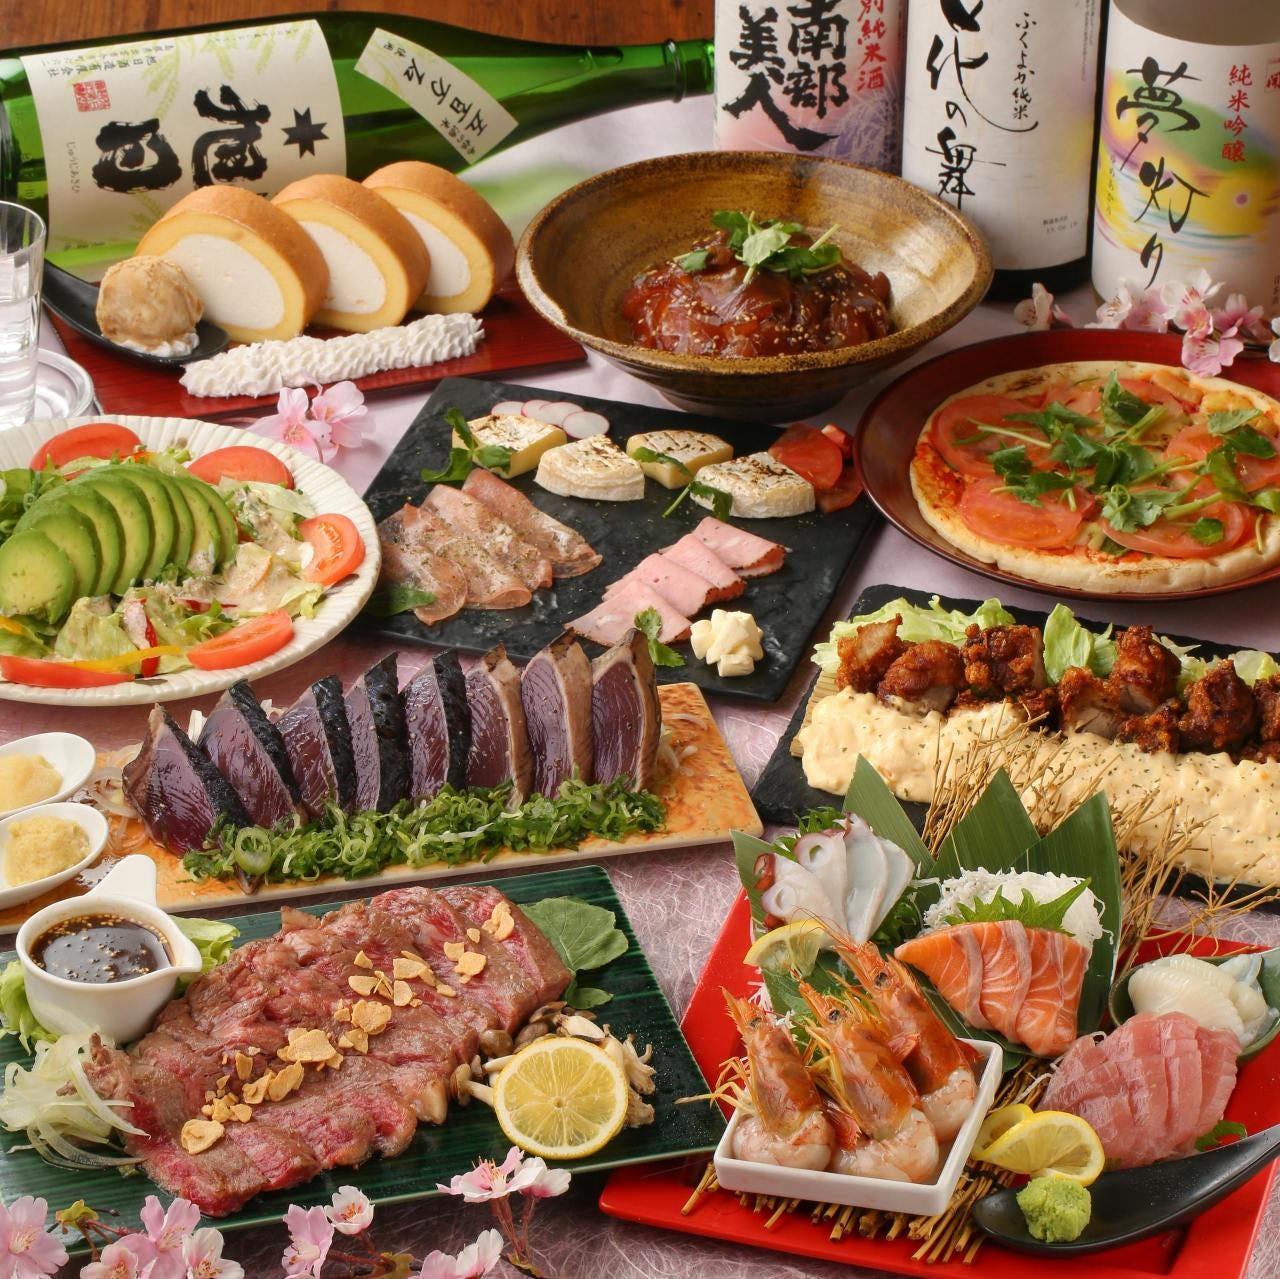 うにく寿司、牡蠣の天麩羅、藁焼き牛モモ等10品◇3時間プレミアム&日本酒飲放付『琥珀コース』